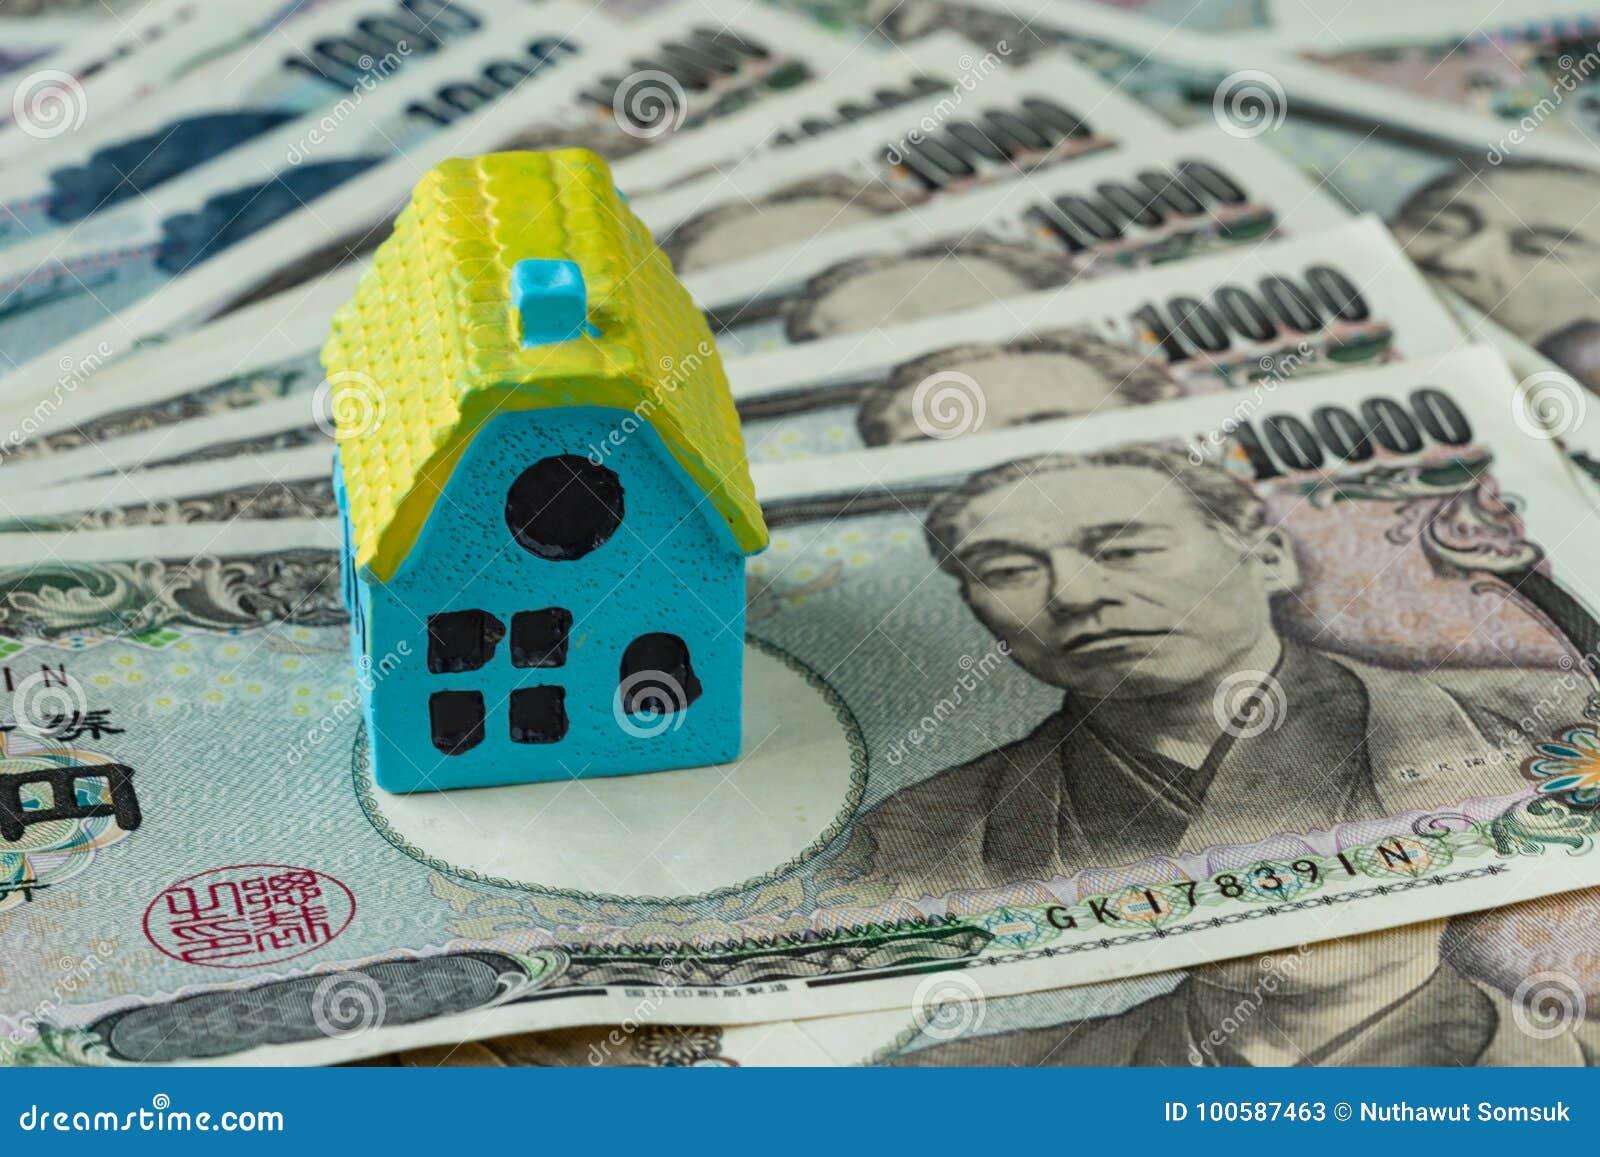 Миниатюрный дом на куче банкнот японских иен как недвижимость